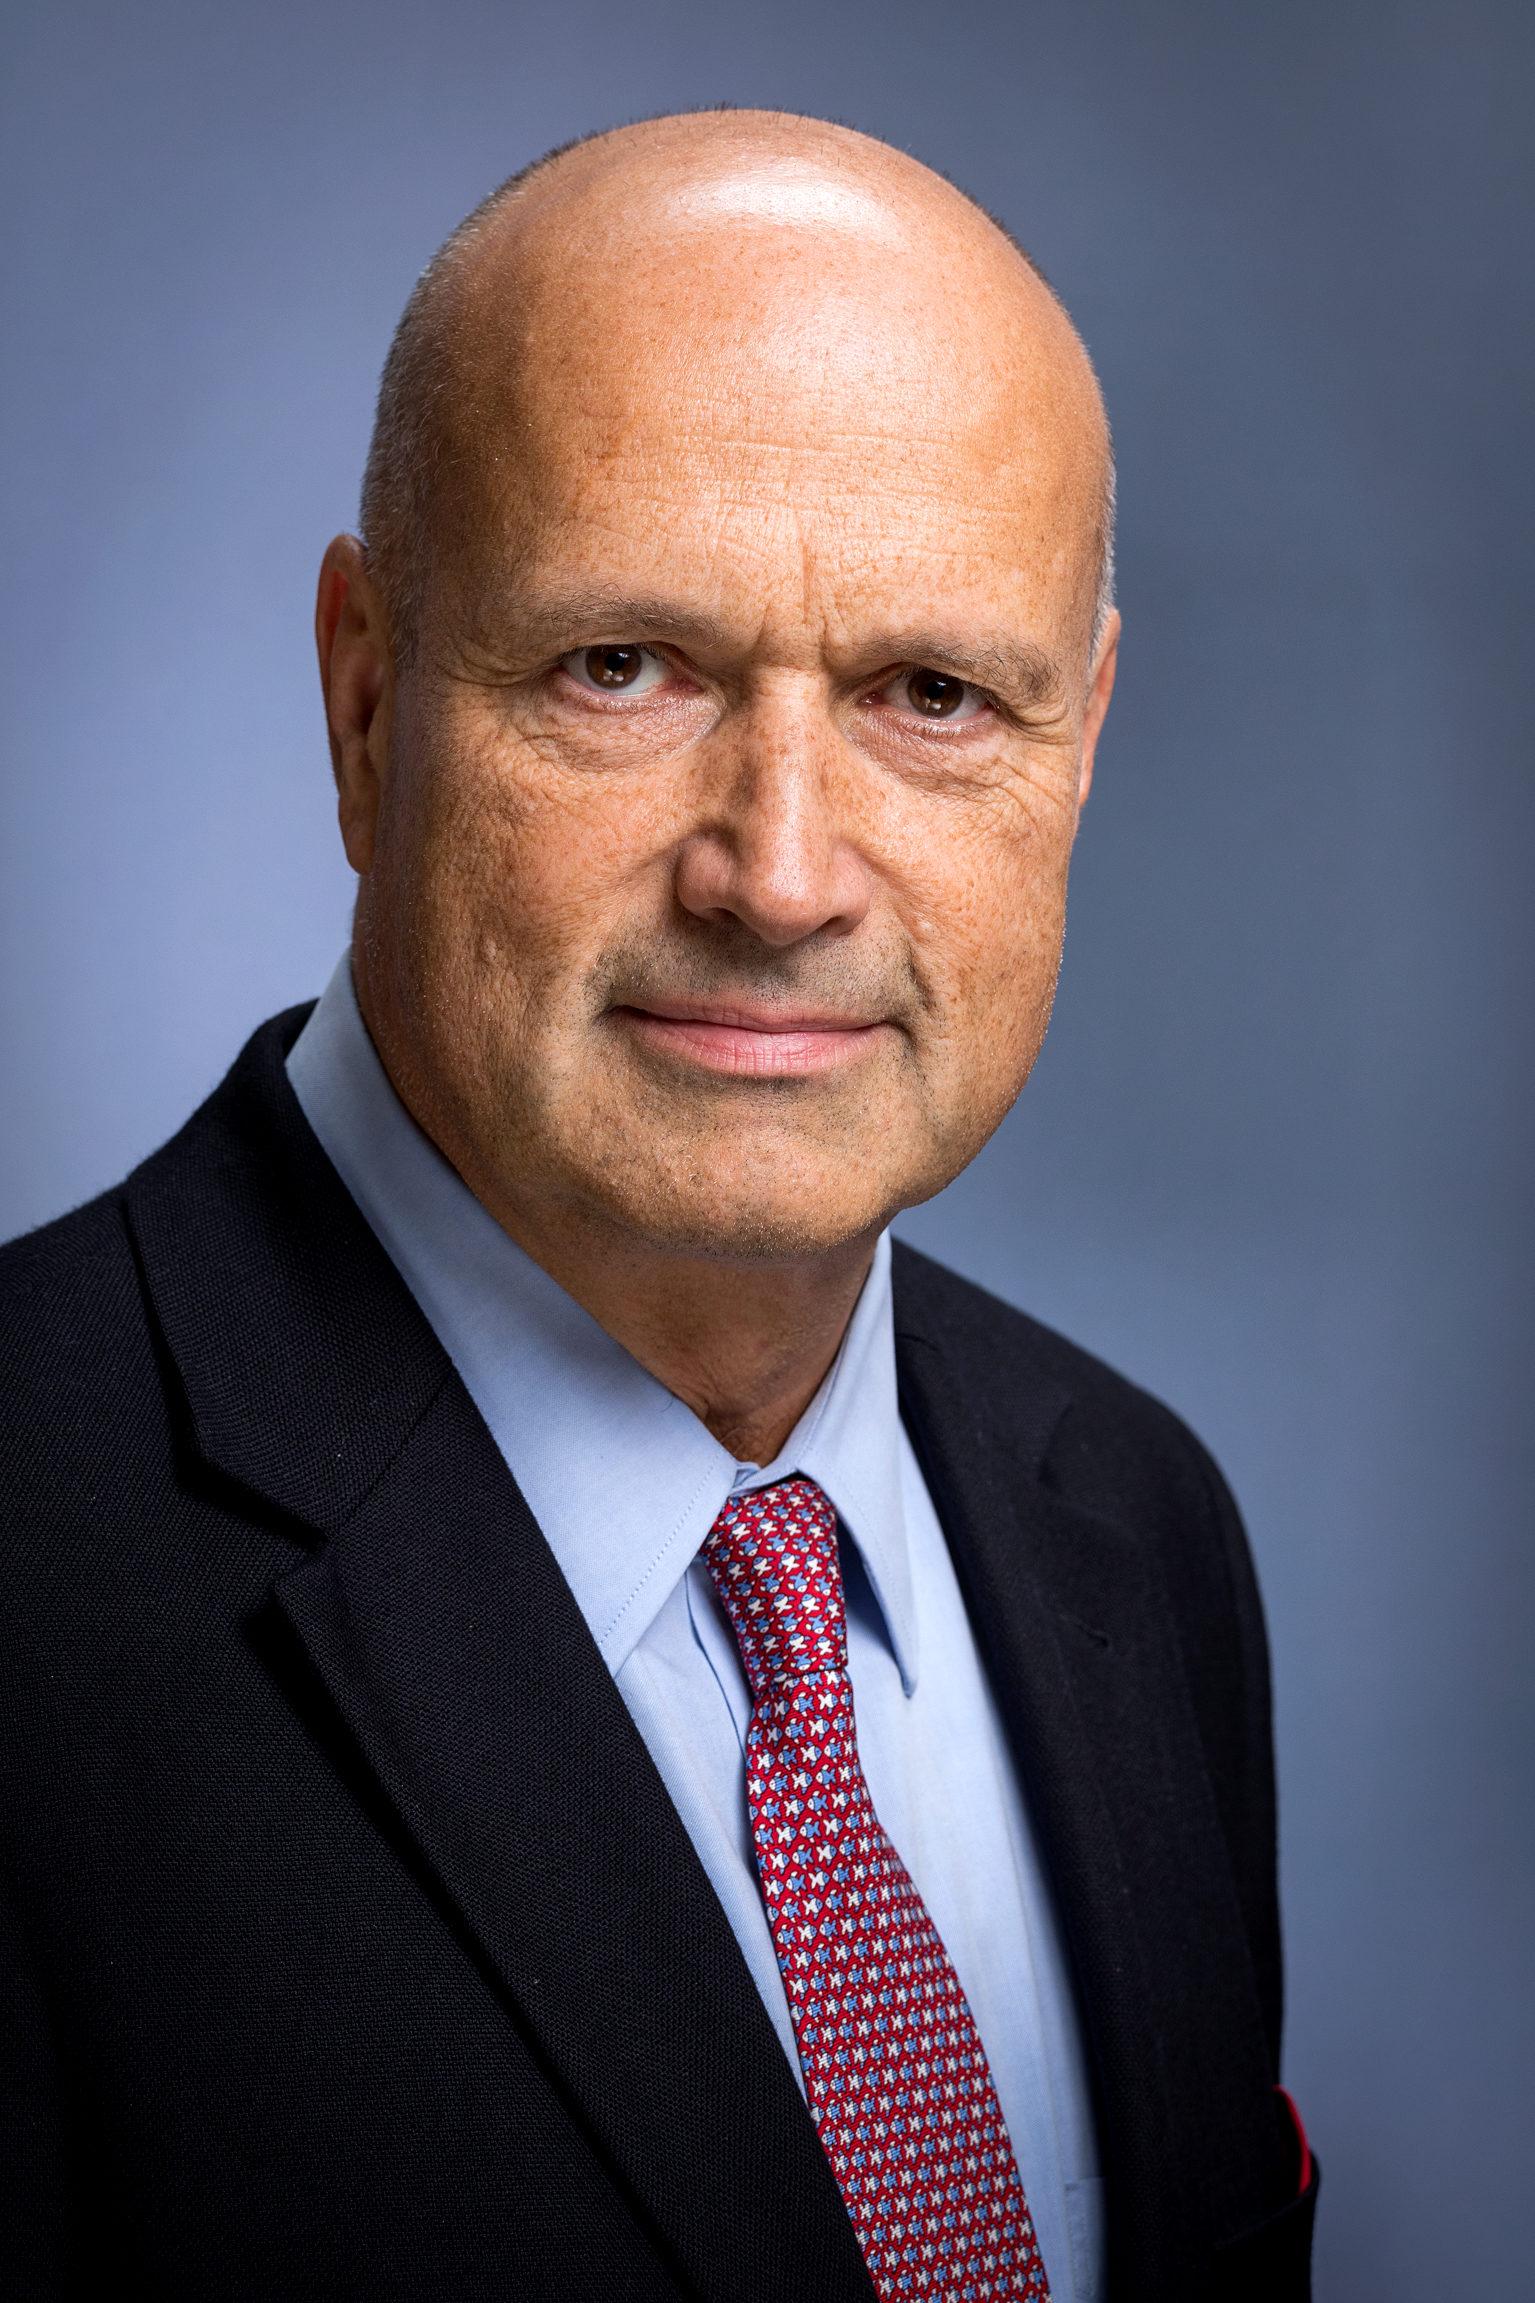 Professor Pavel Calda